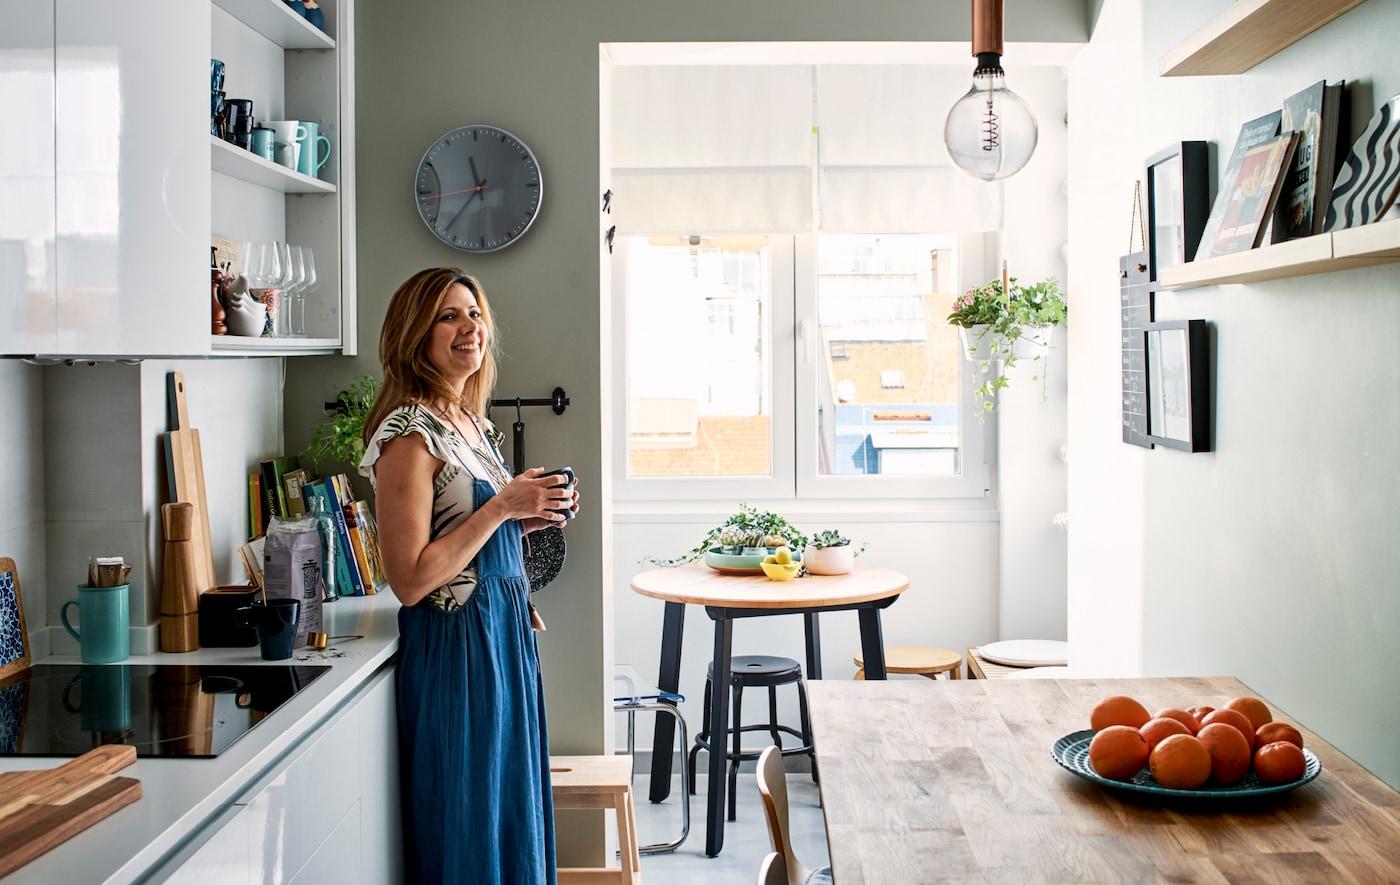 امرأة تقف في مطبخ على شكل مطابخ السفن له أبواب بيضاء وطاولة مرتفعة خشبية ومنطقة صغيرة لتناول الطعام في إحدى الجهات.